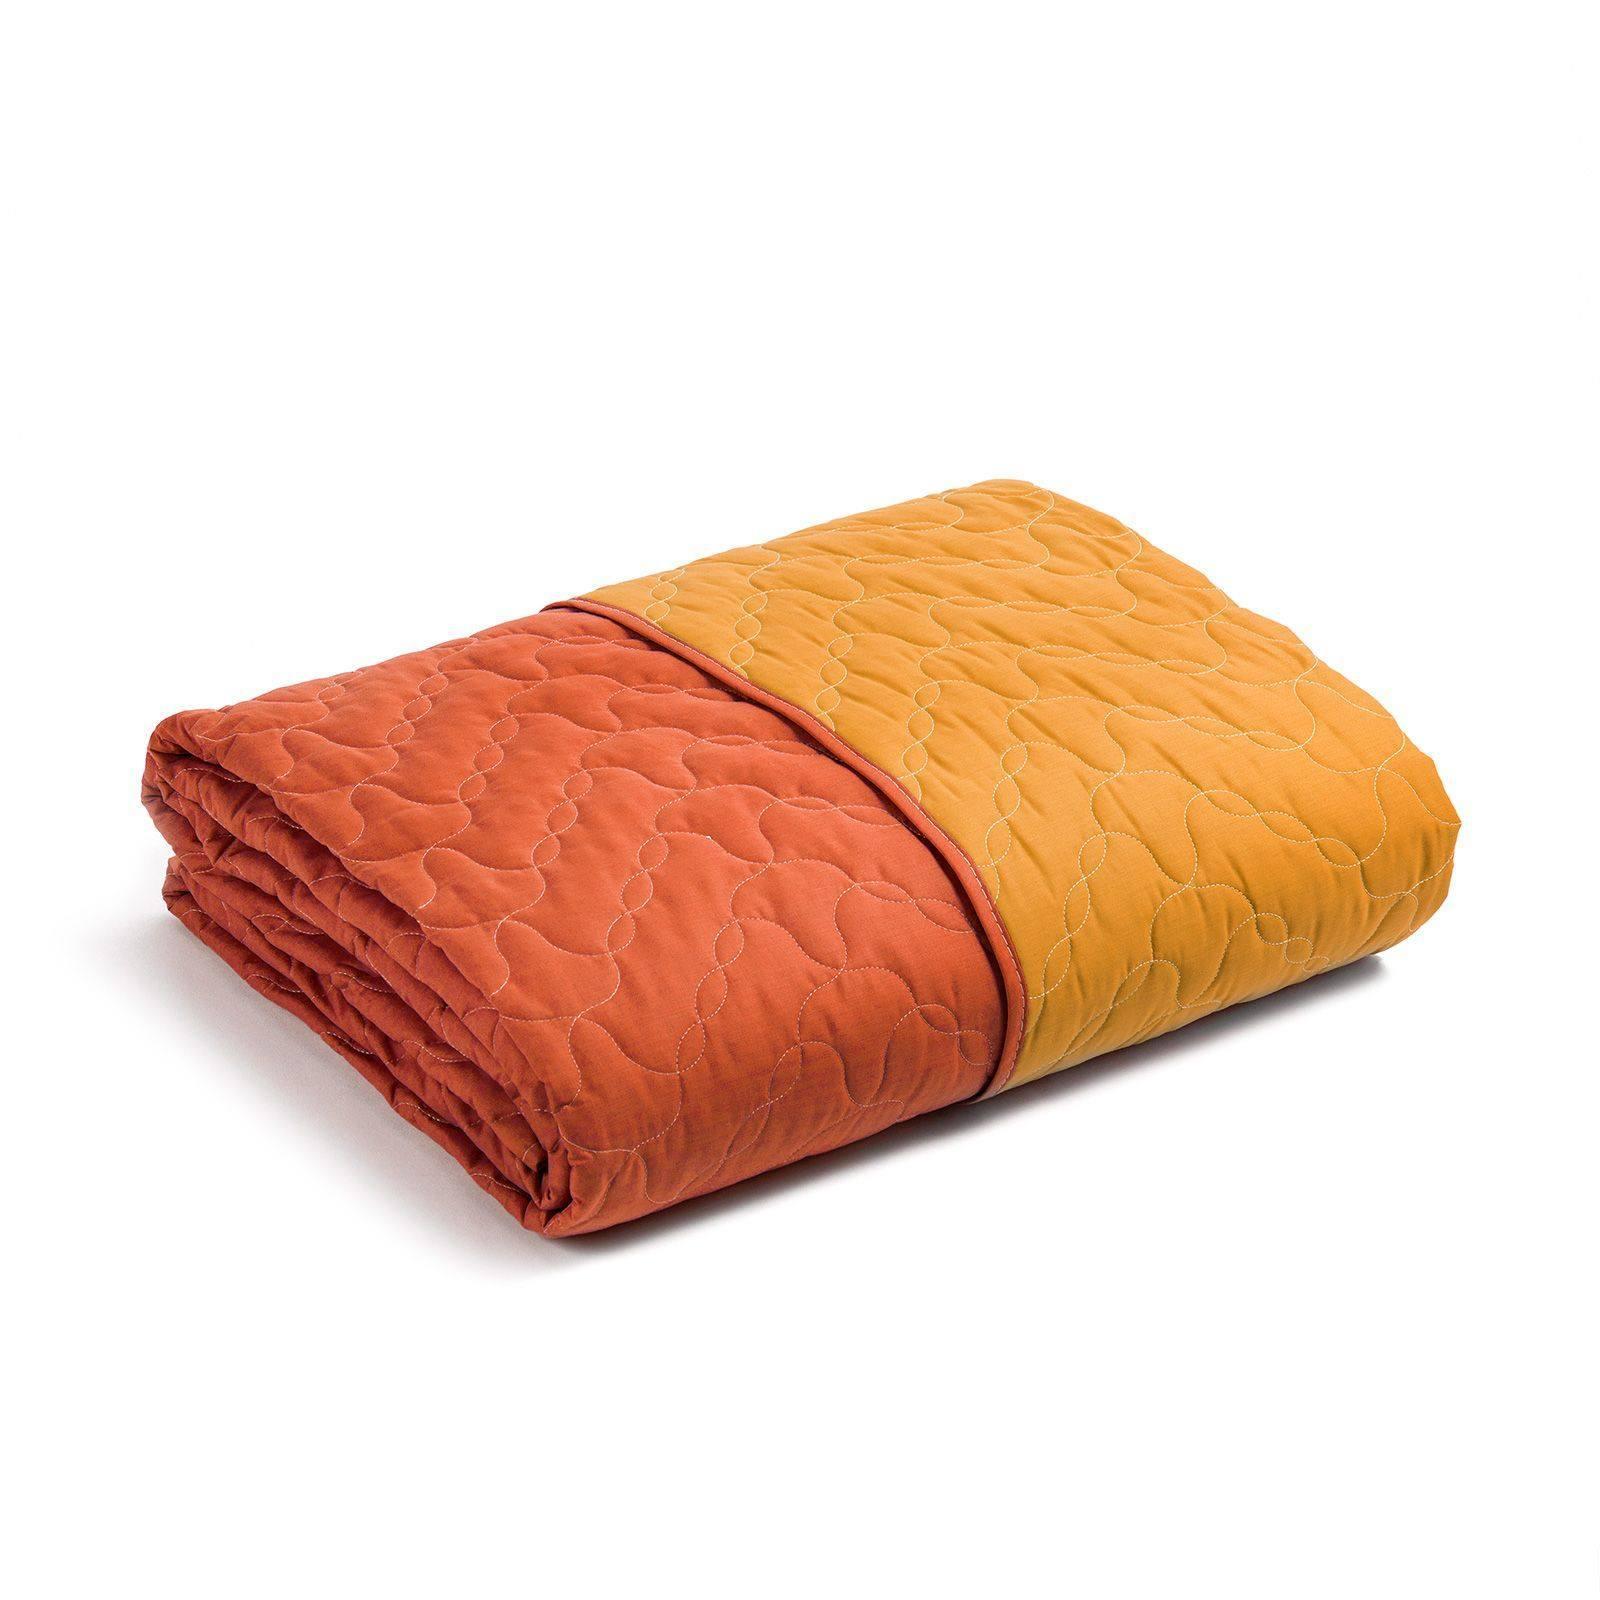 Покрывала Покрывало 170x270 Caleffi Mix Double оранжевое pokryvalo-170x270-caleffi-mix-double-oranzhevoe-italiya.jpg